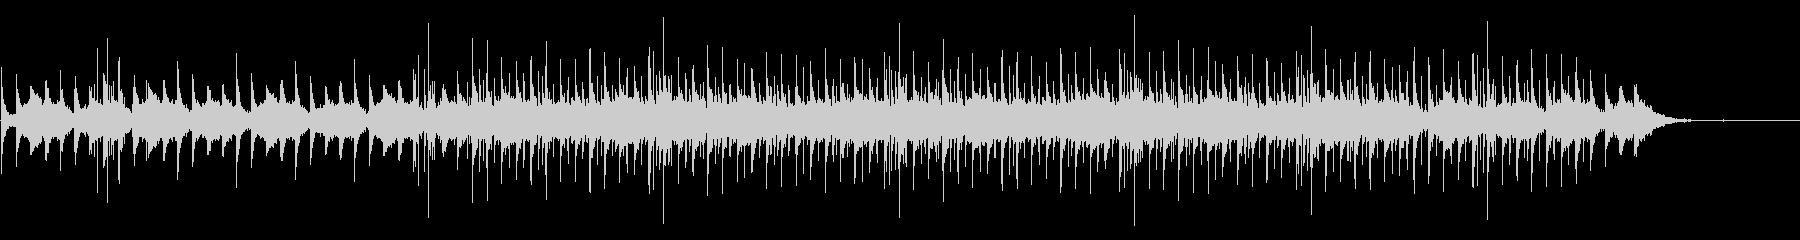 箏とシンセの小編成インスト曲の未再生の波形